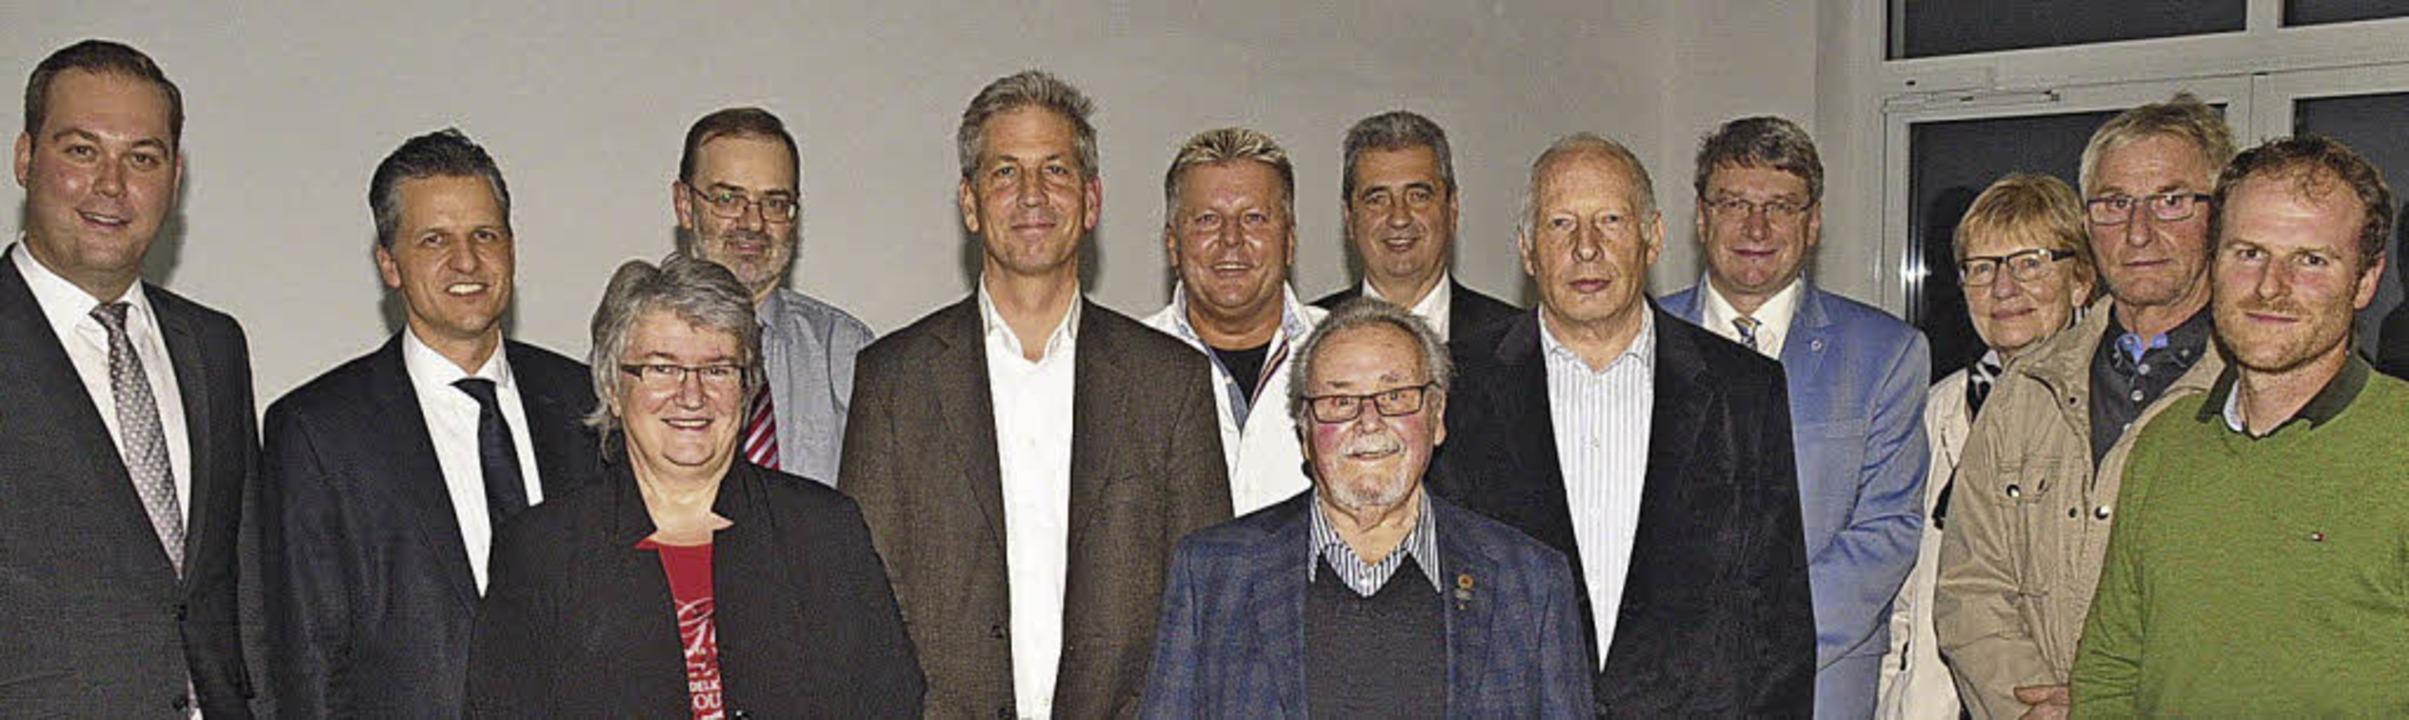 Festgäste mit Geehrten (von links): Fe...rner Pfeifer und Claudius Rautenberg.   | Foto: Stefan Pichler